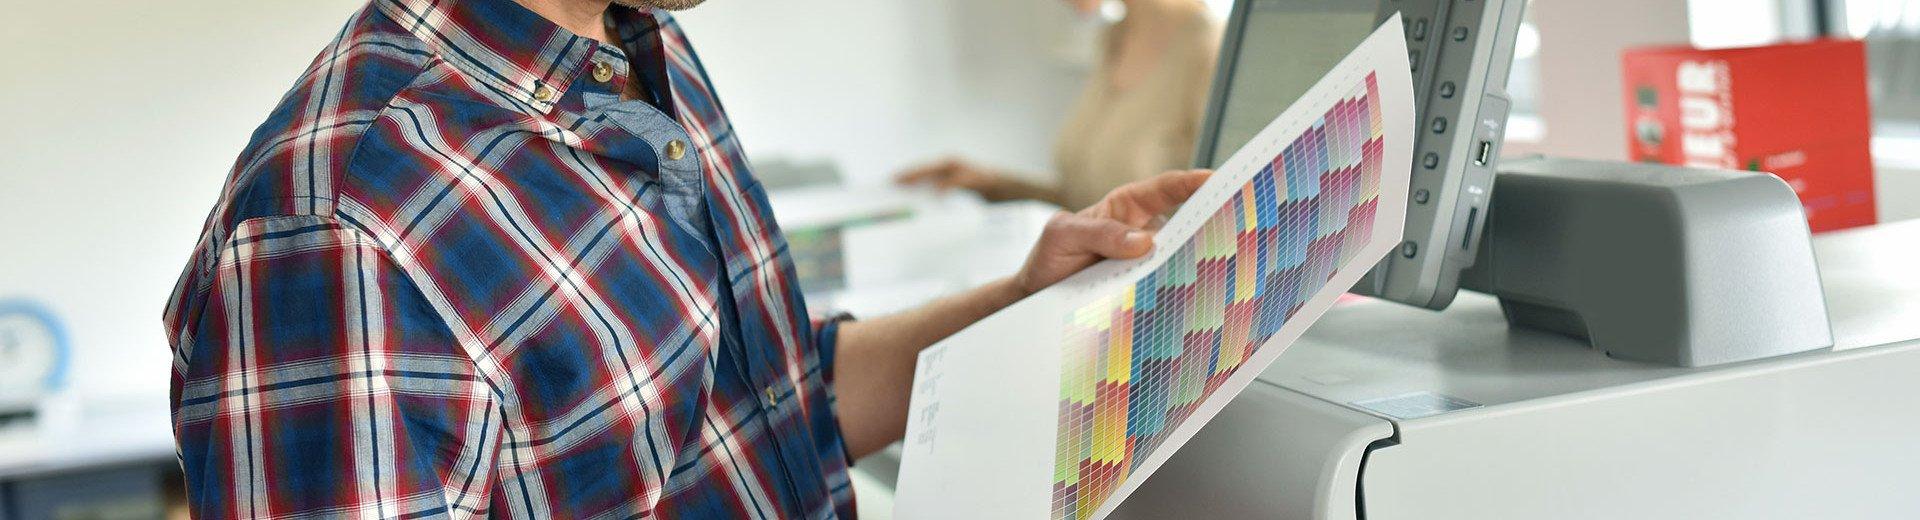 Okładka artykułu Projekt do druku? No to CMYK! — RGB kontra CMYK w praktyce